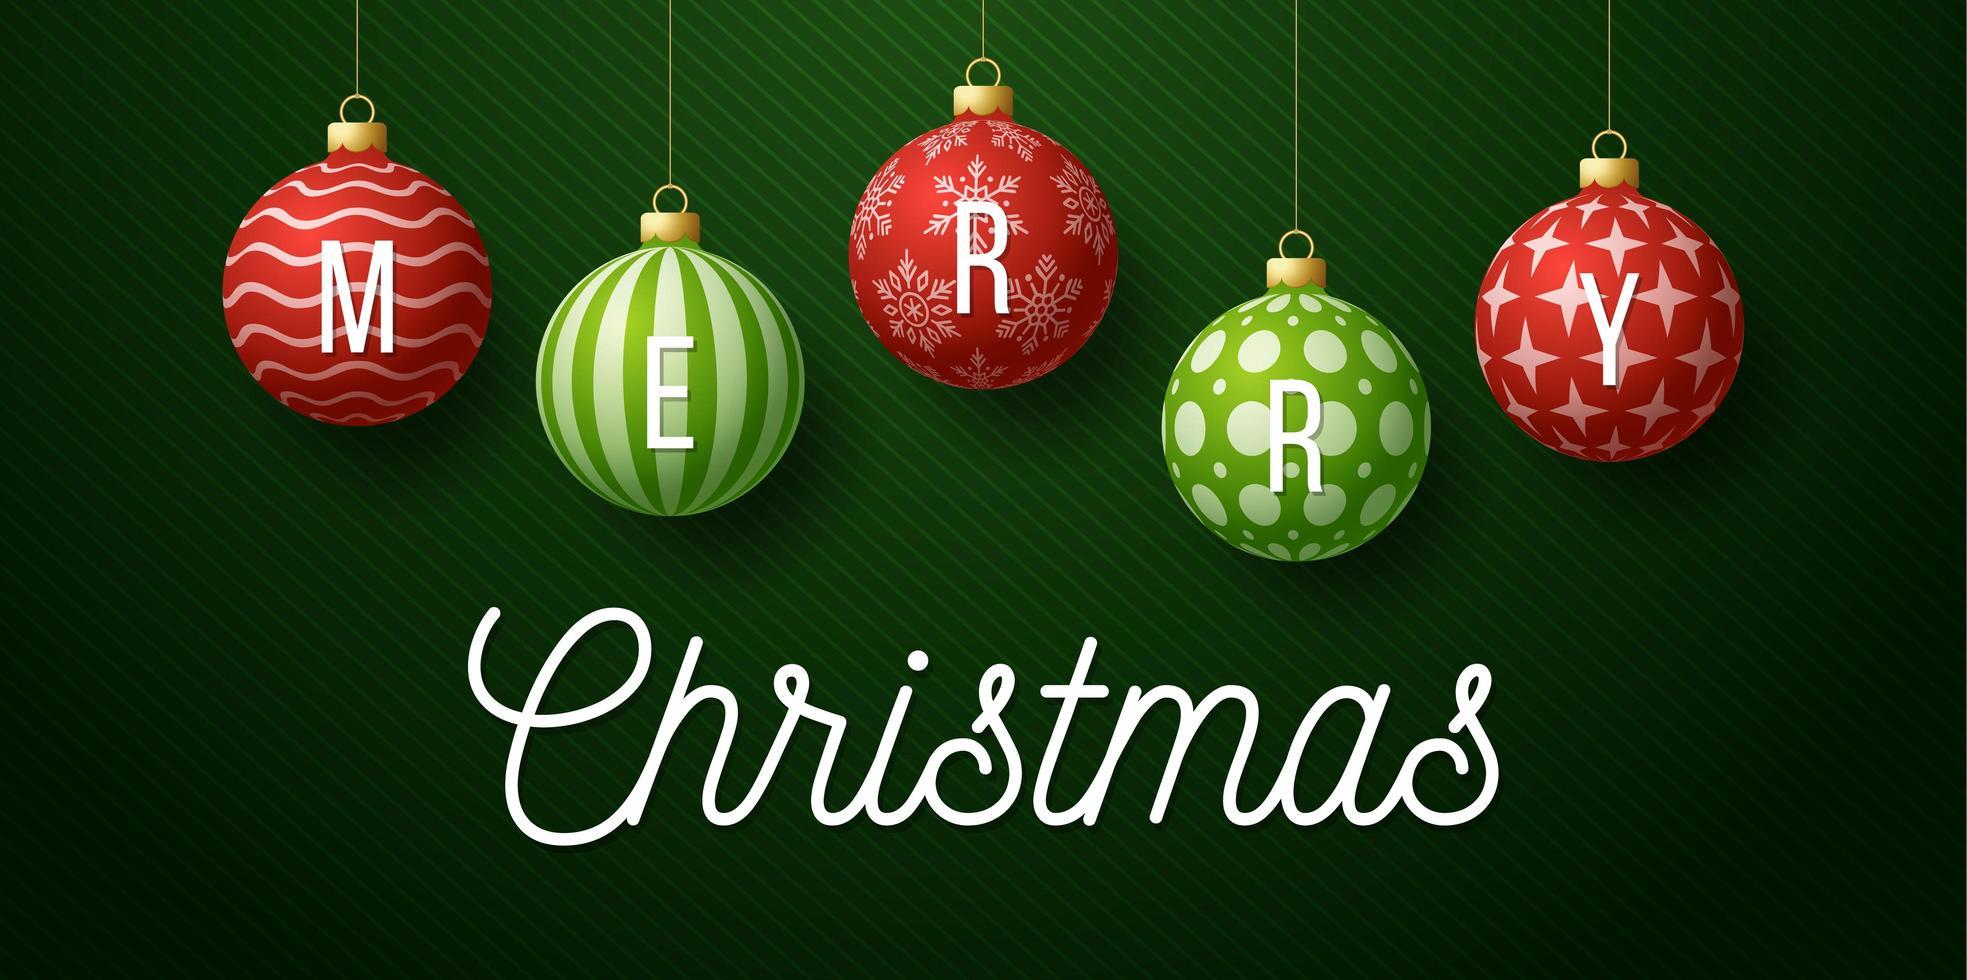 Weihnachtsbanner mit verzierten roten und grünen Kugelverzierungen vektor